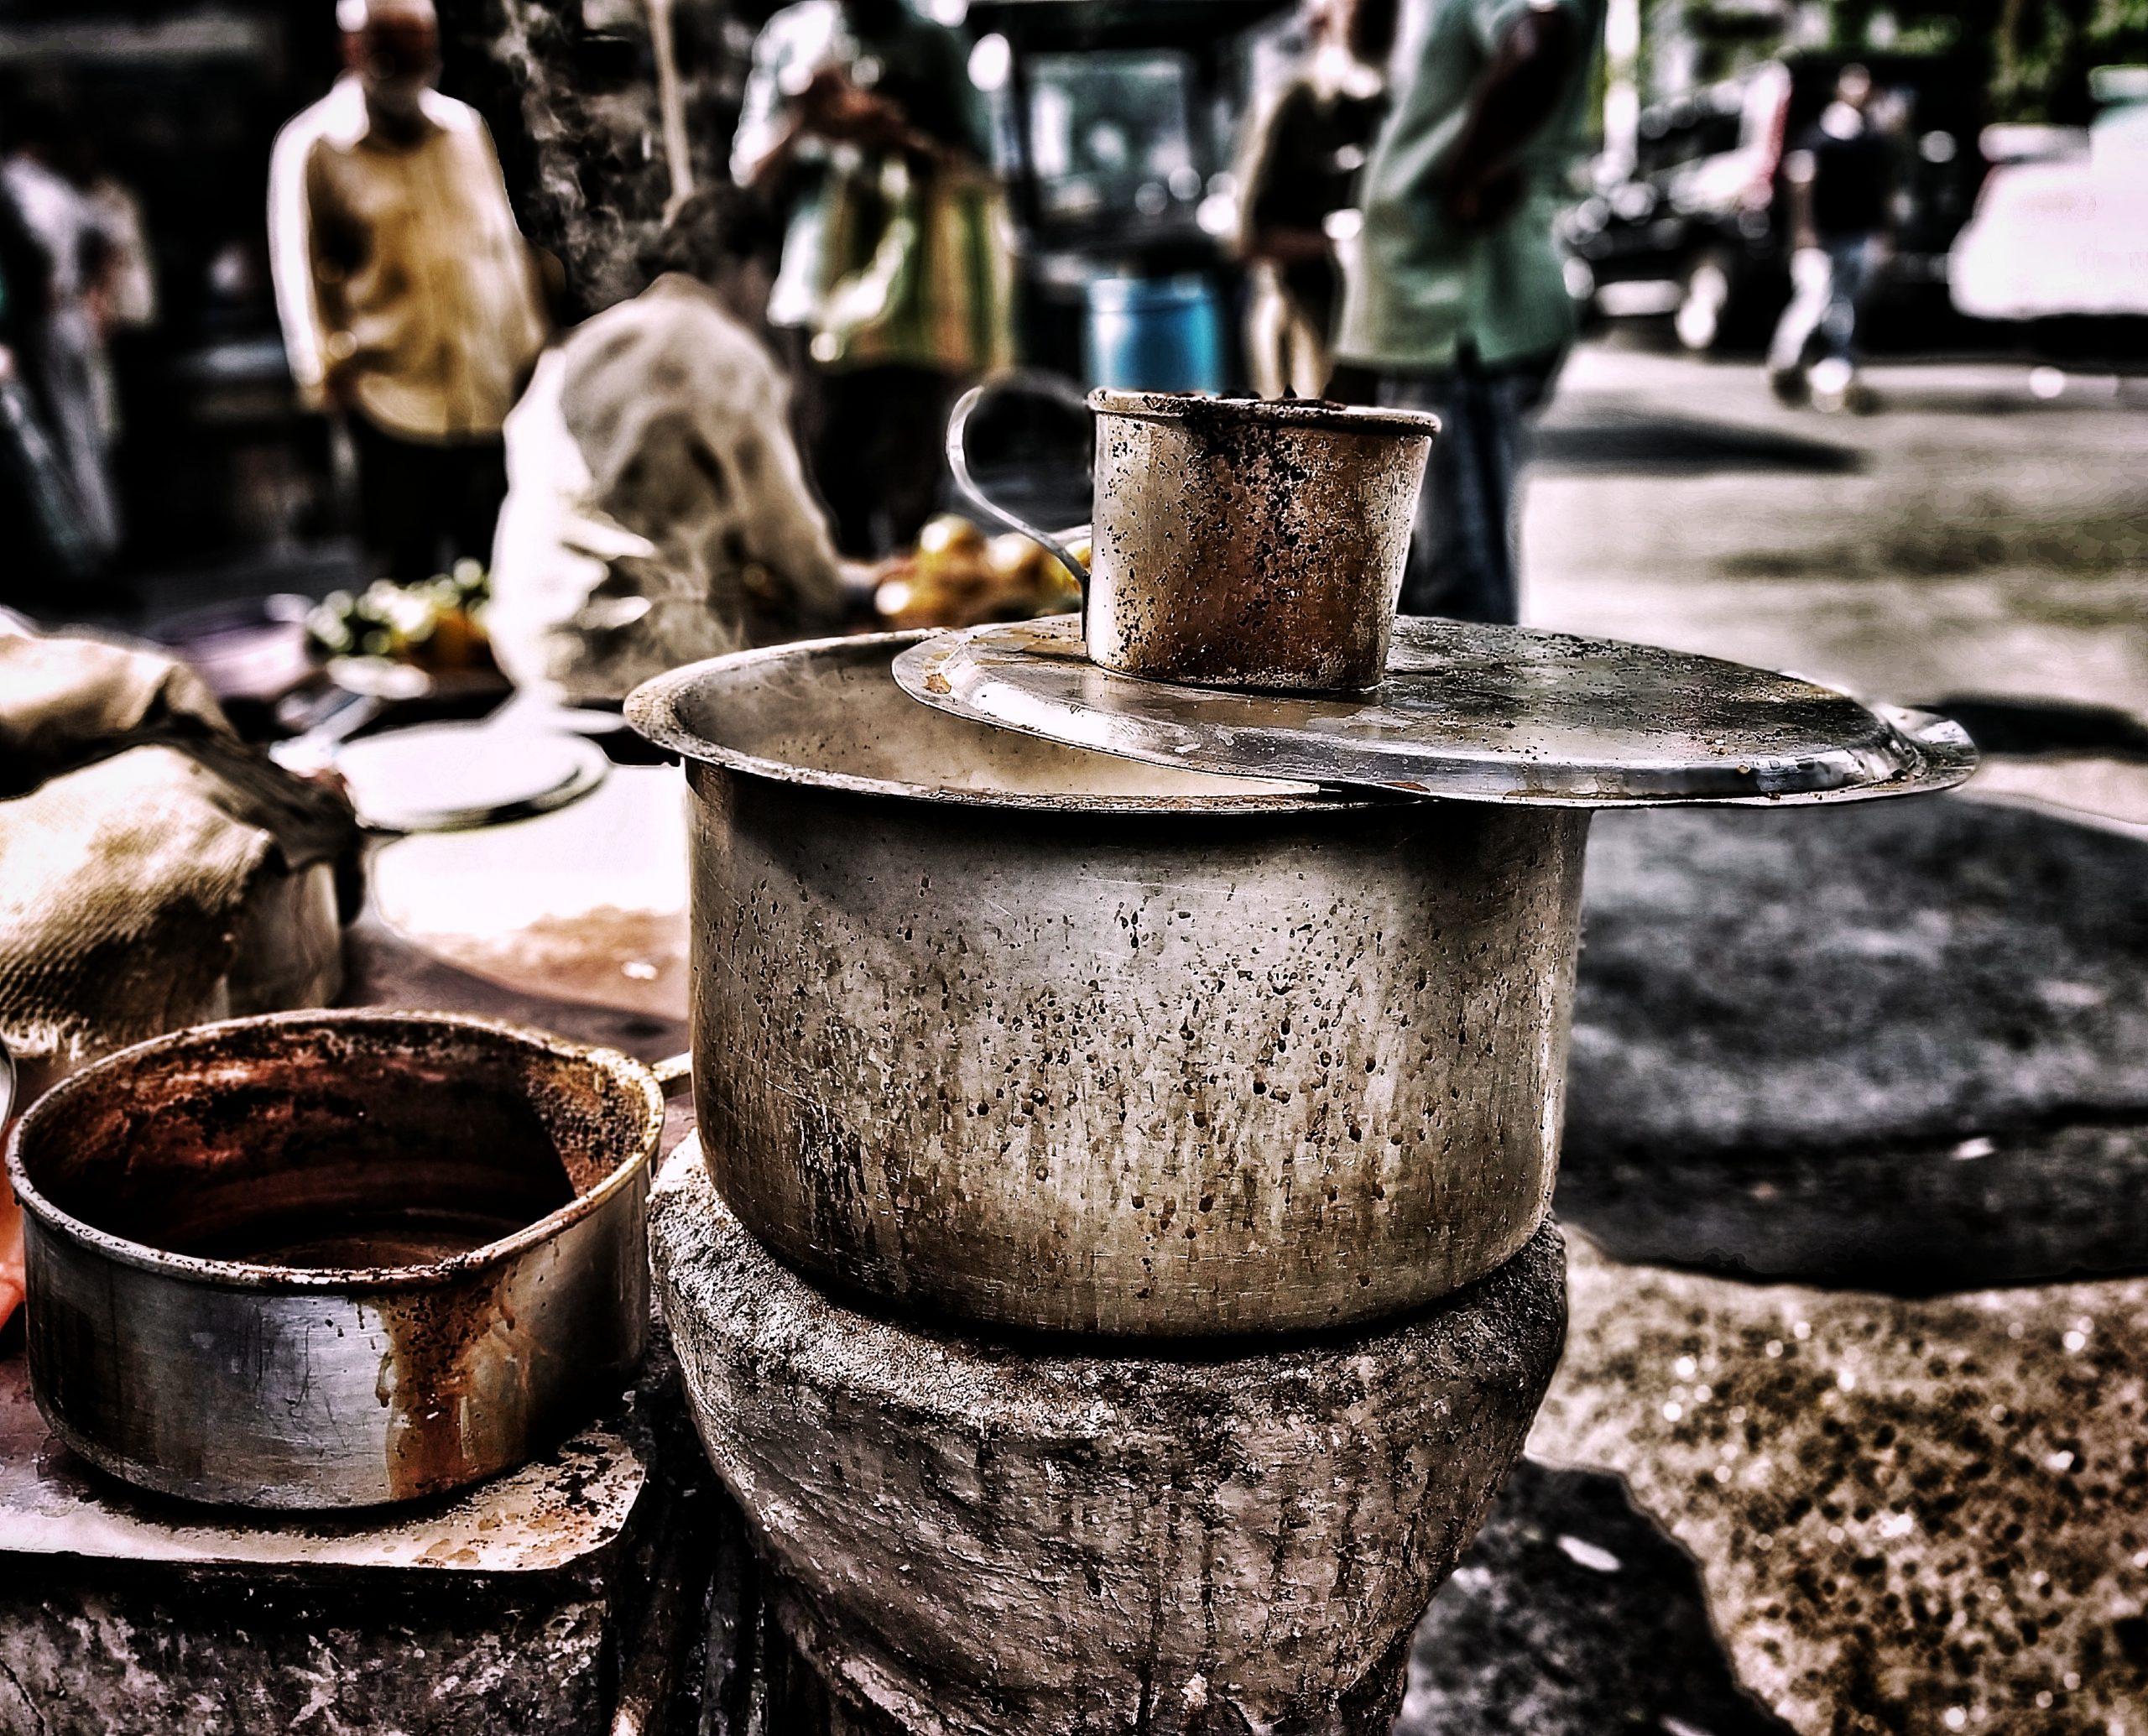 A roadside tea maker